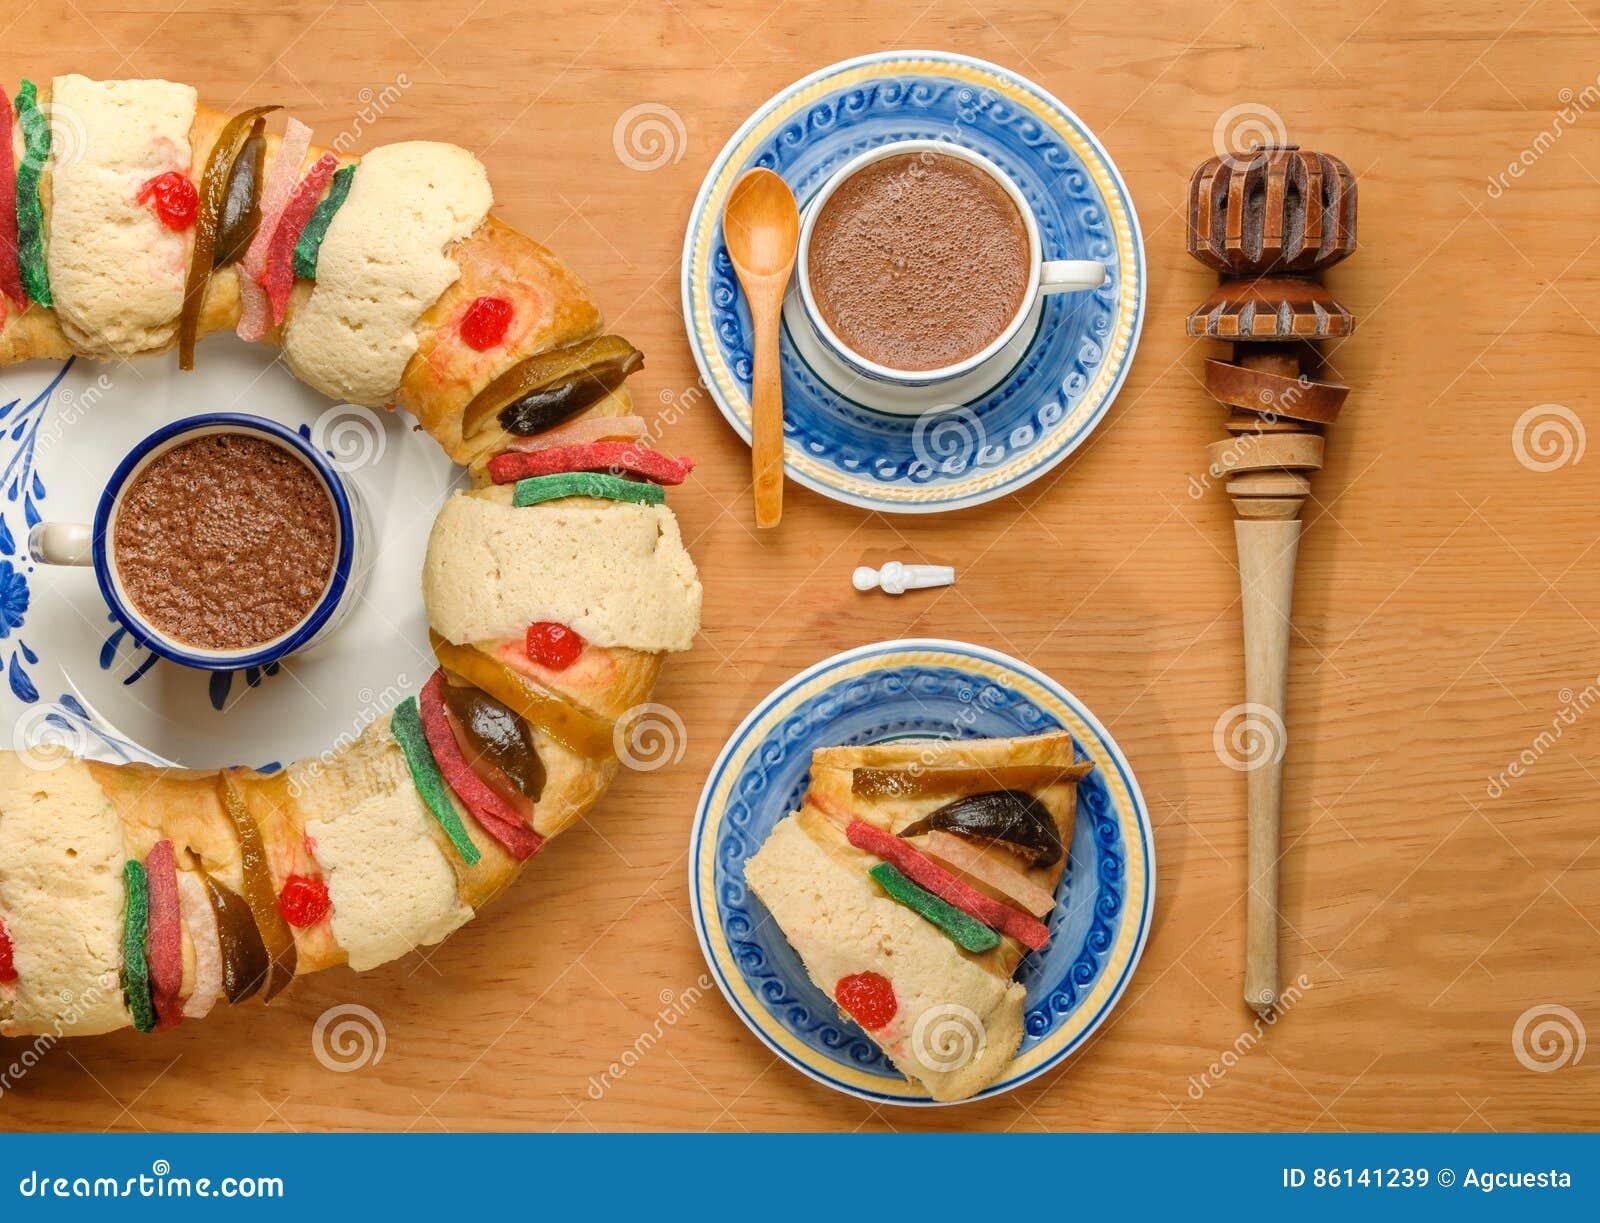 Heisse Schokolade Mit Offenbarungskuchen Konige Backen Rosca De